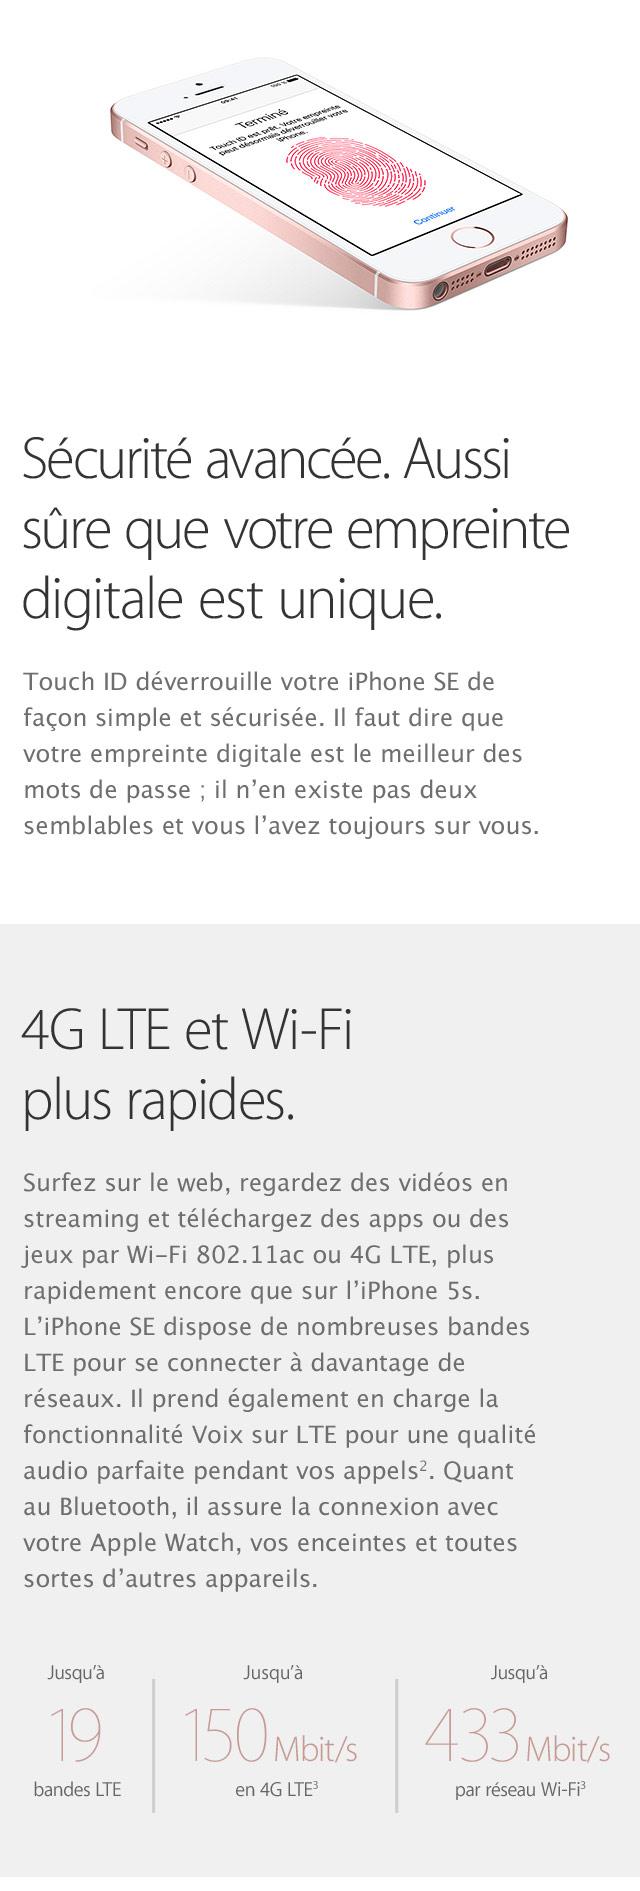 iPhone SE Securite